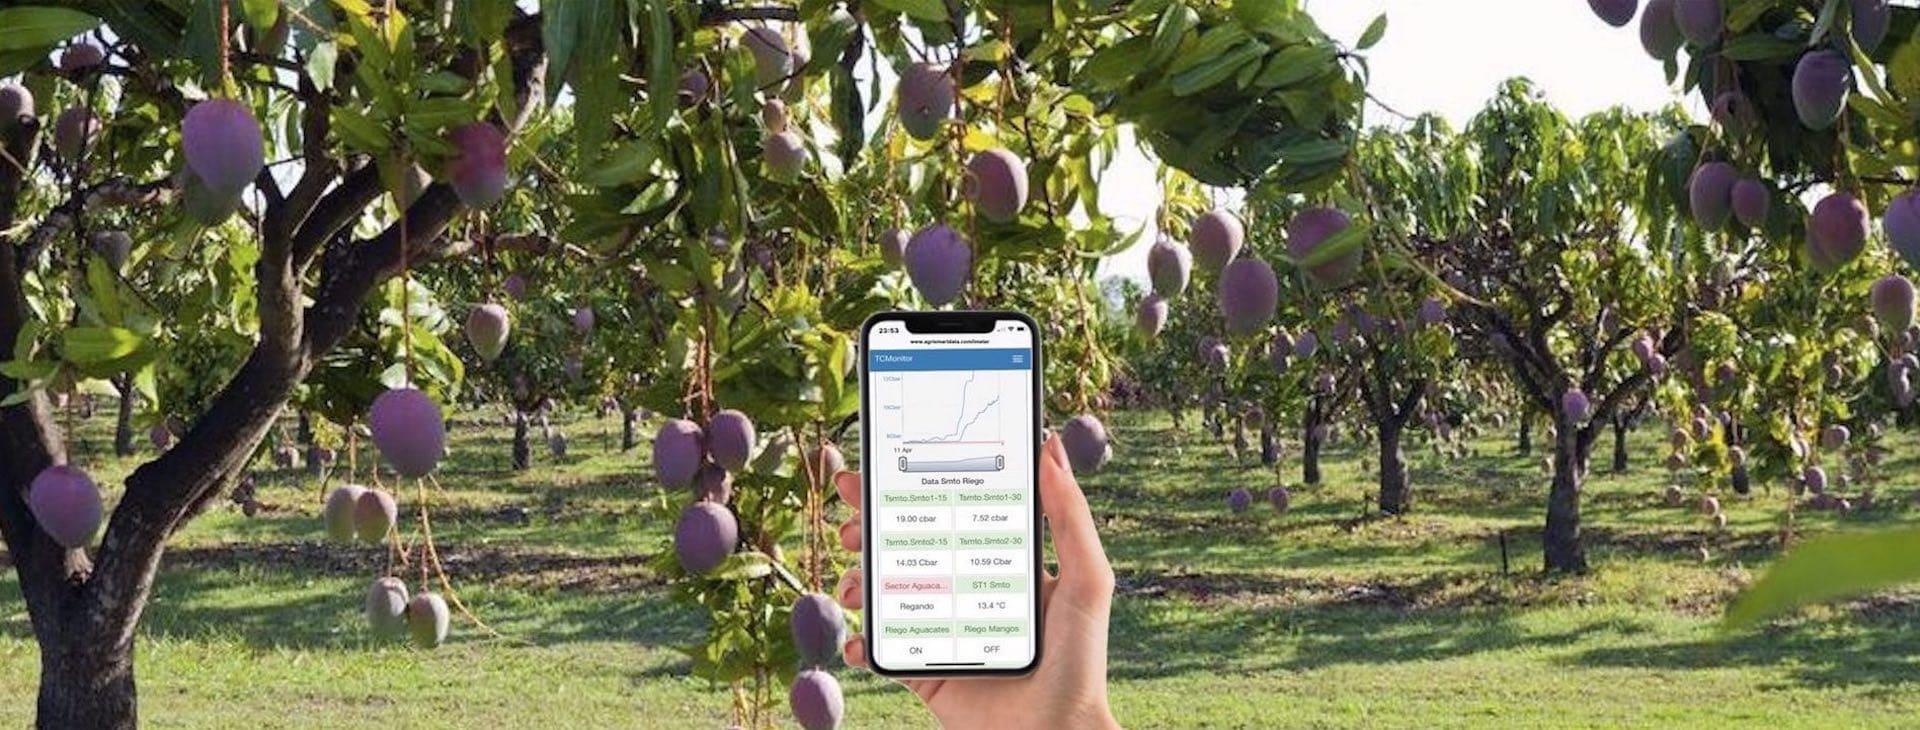 Control y gestión en la Agricultura